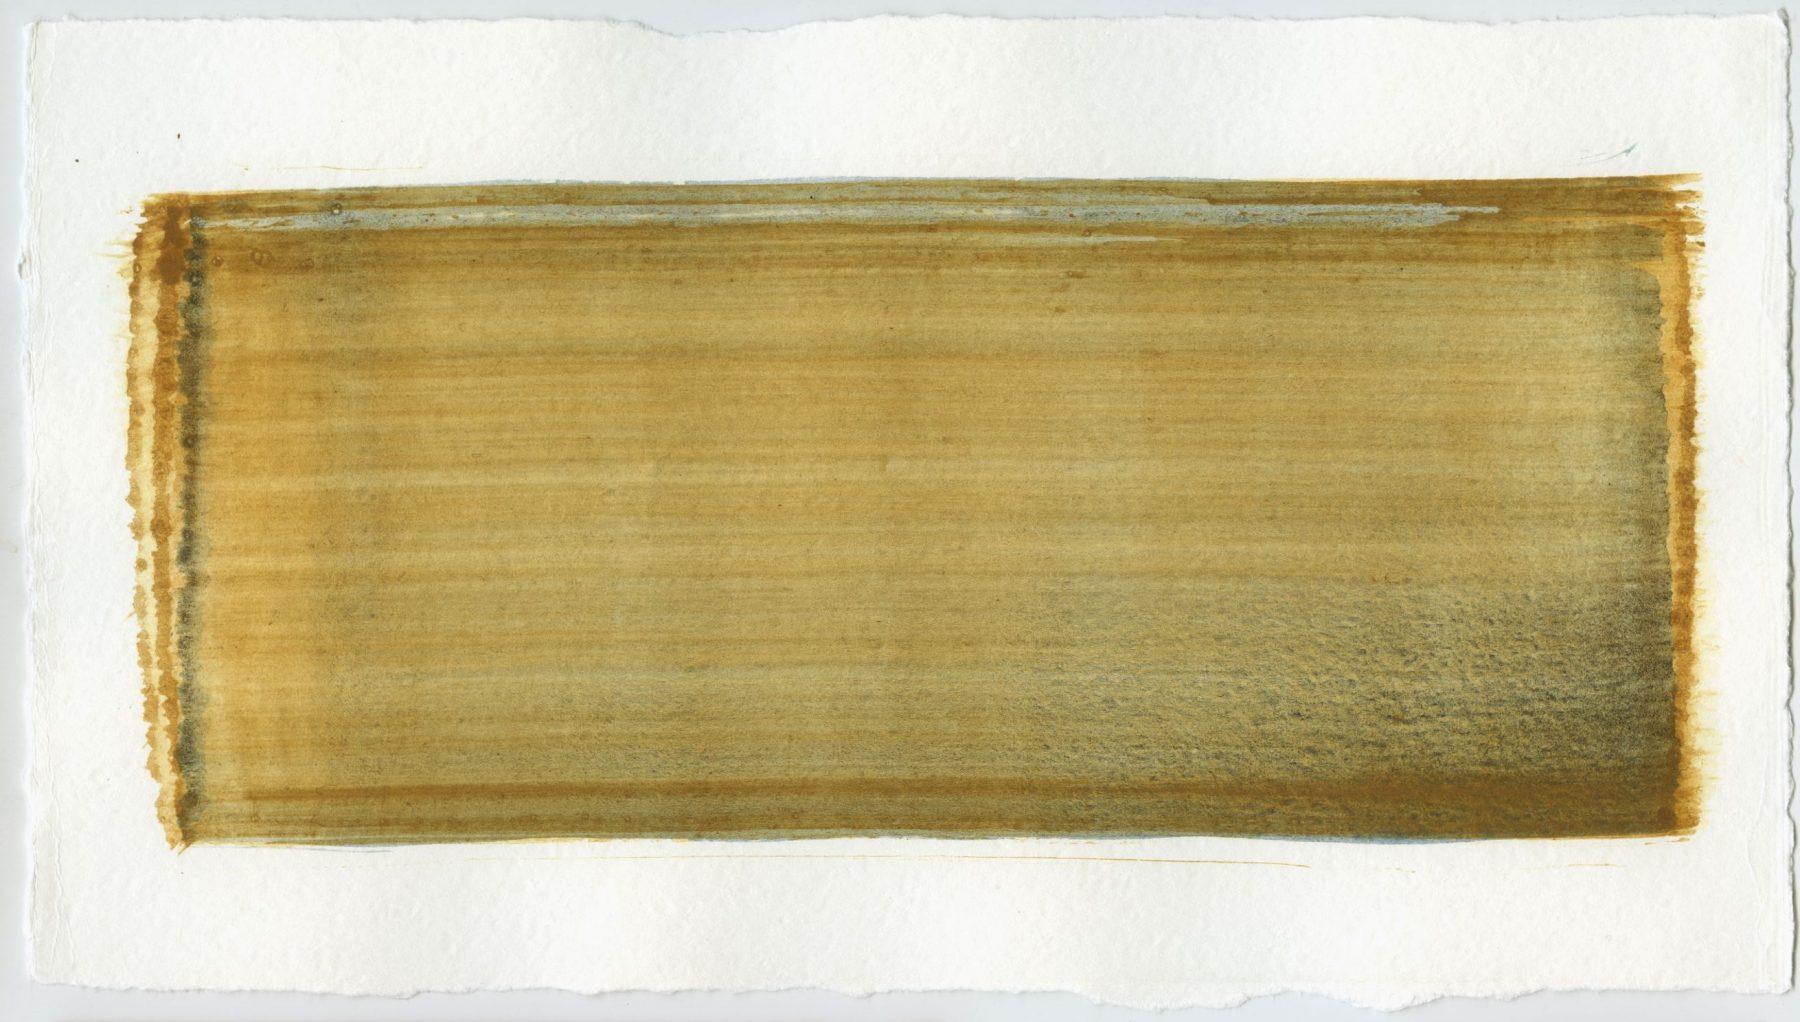 Brush stroke no. 74 - Pigment: Vivianiet (from Kremer Pigmente) Selfmade pigment: Mortelse goudoker